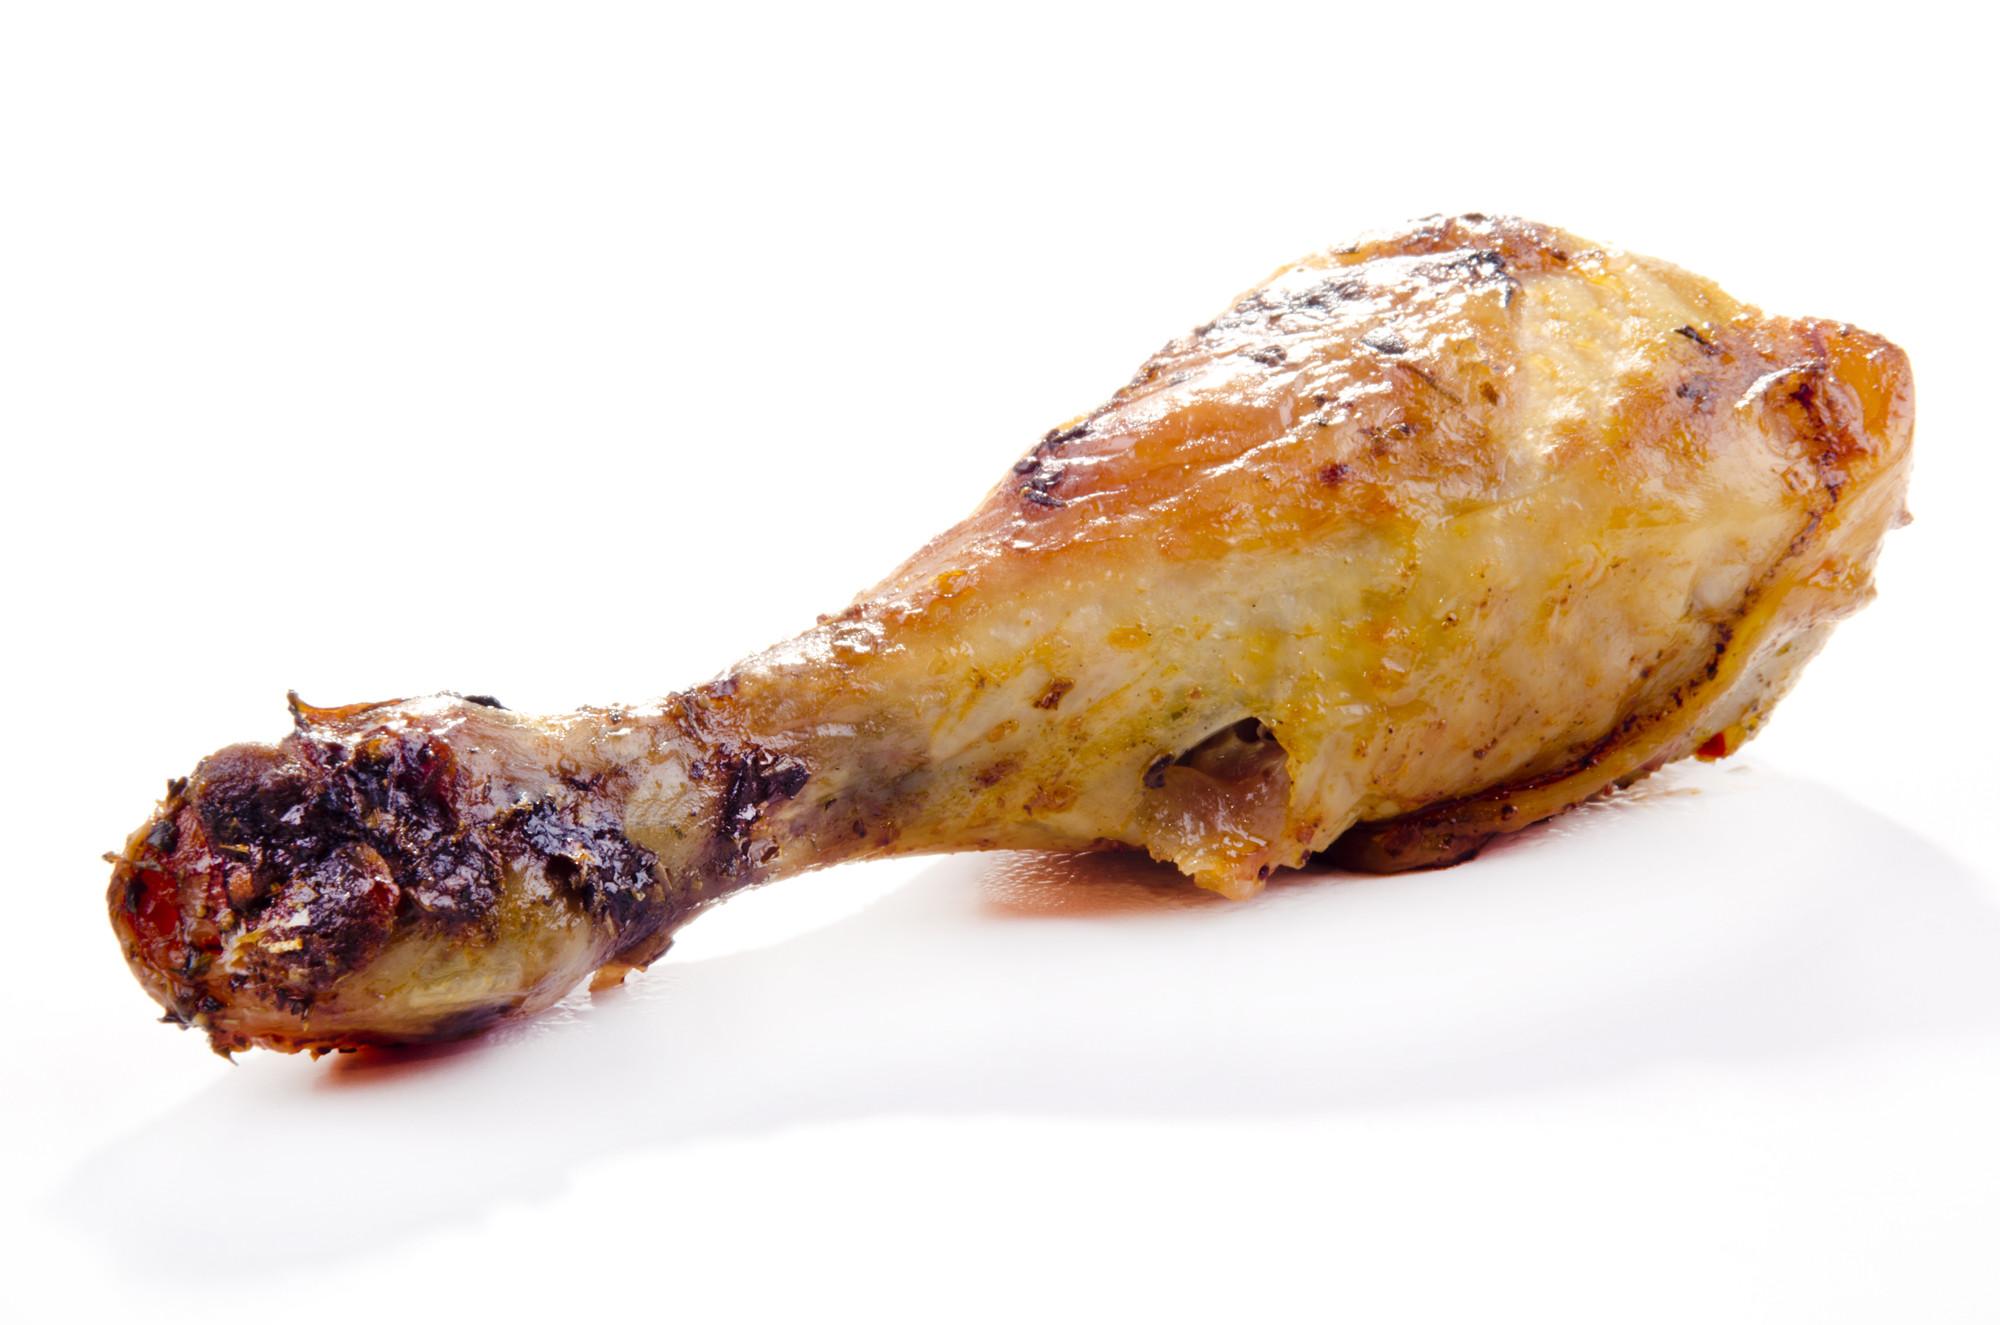 auruf die tageswoche sammelt f r einen artikel die herkunft des pouletfleischs in den beizen. Black Bedroom Furniture Sets. Home Design Ideas